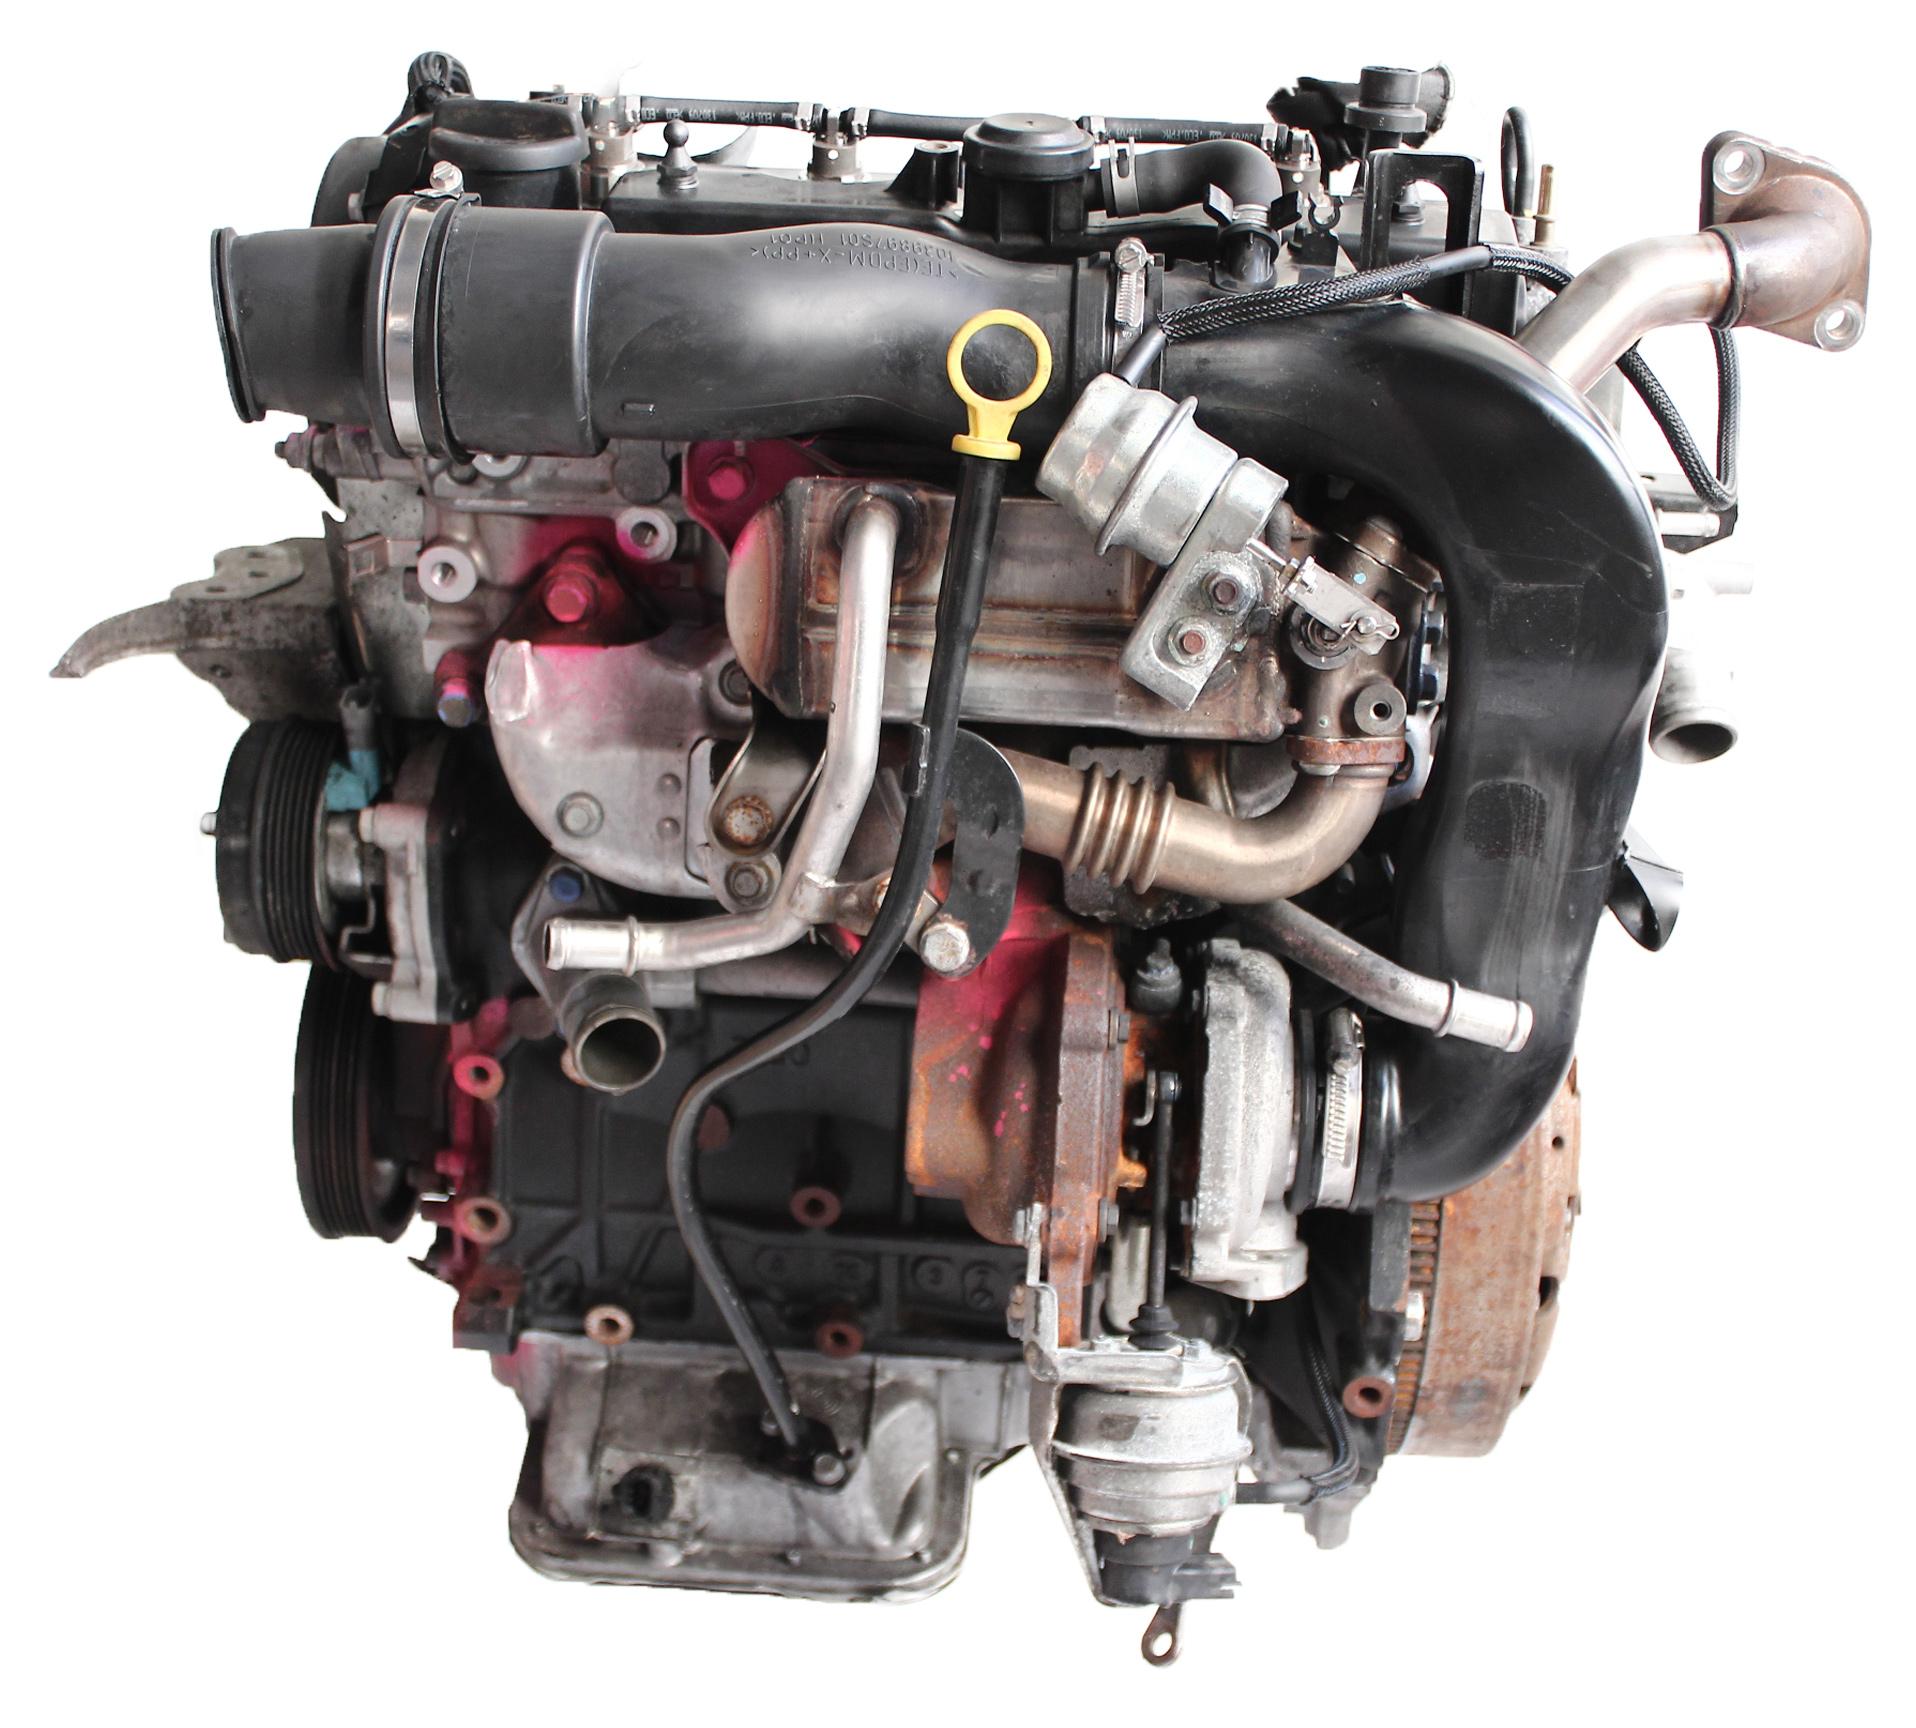 Motor 2012 Opel Astra J GTC 1,7 CDTI Diesel A17DTE A17 110 PS